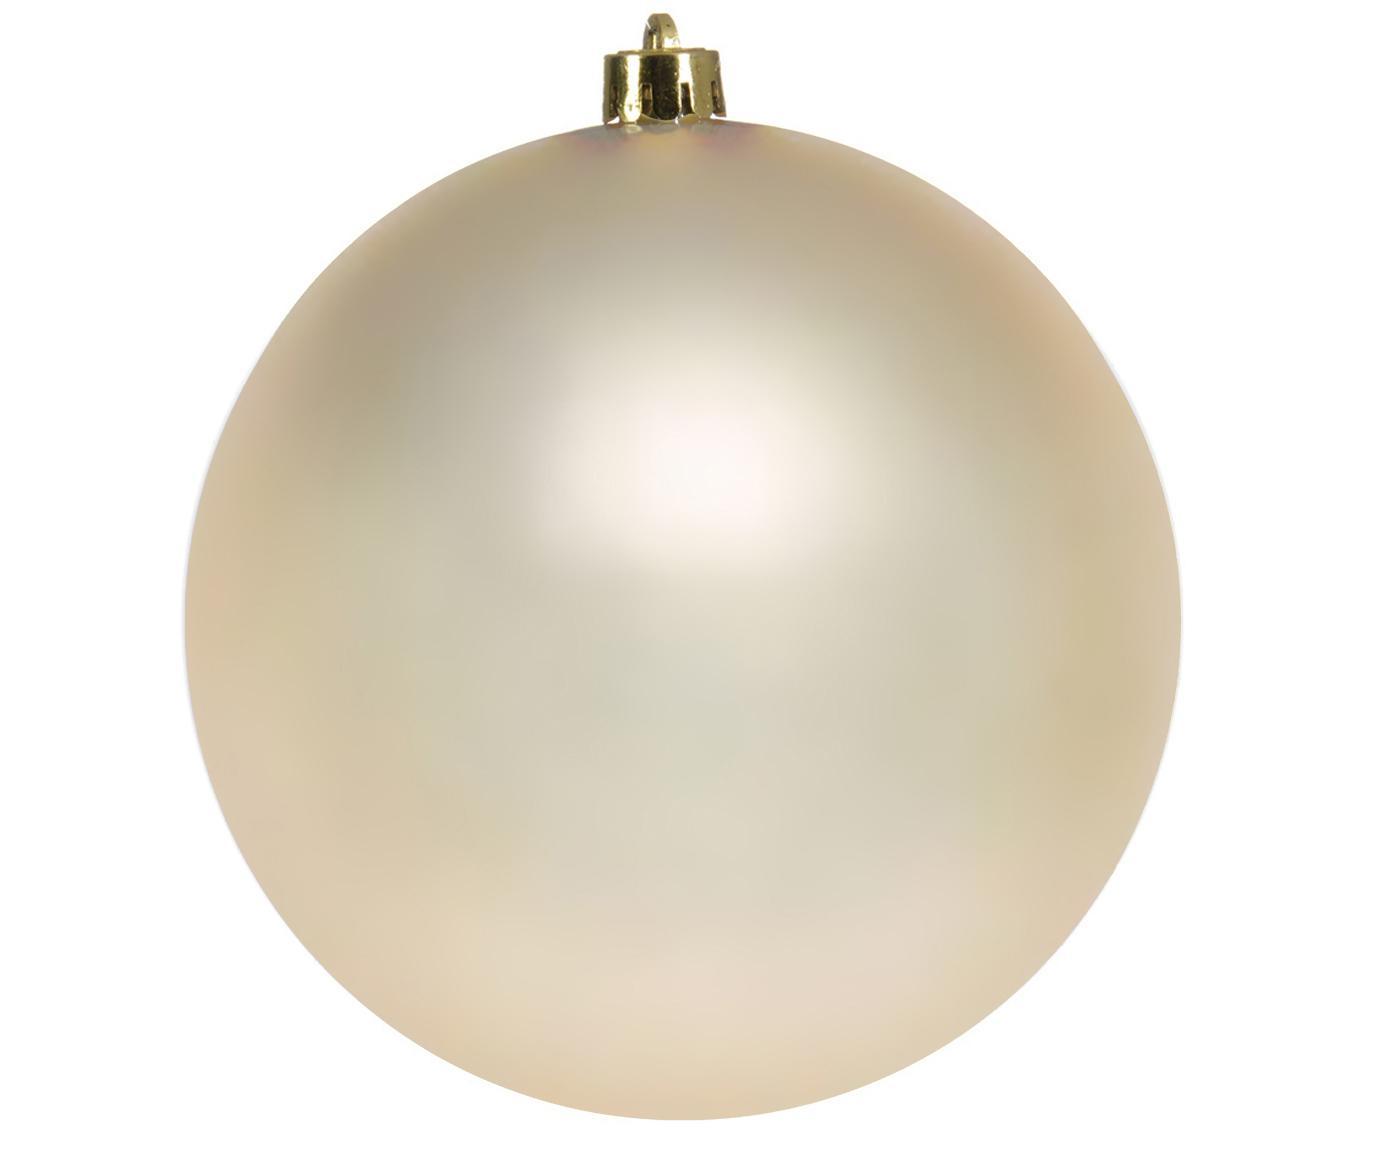 Kerstballen Minstix, 2 stuks, Kunststof, Beige, Ø 14 cm